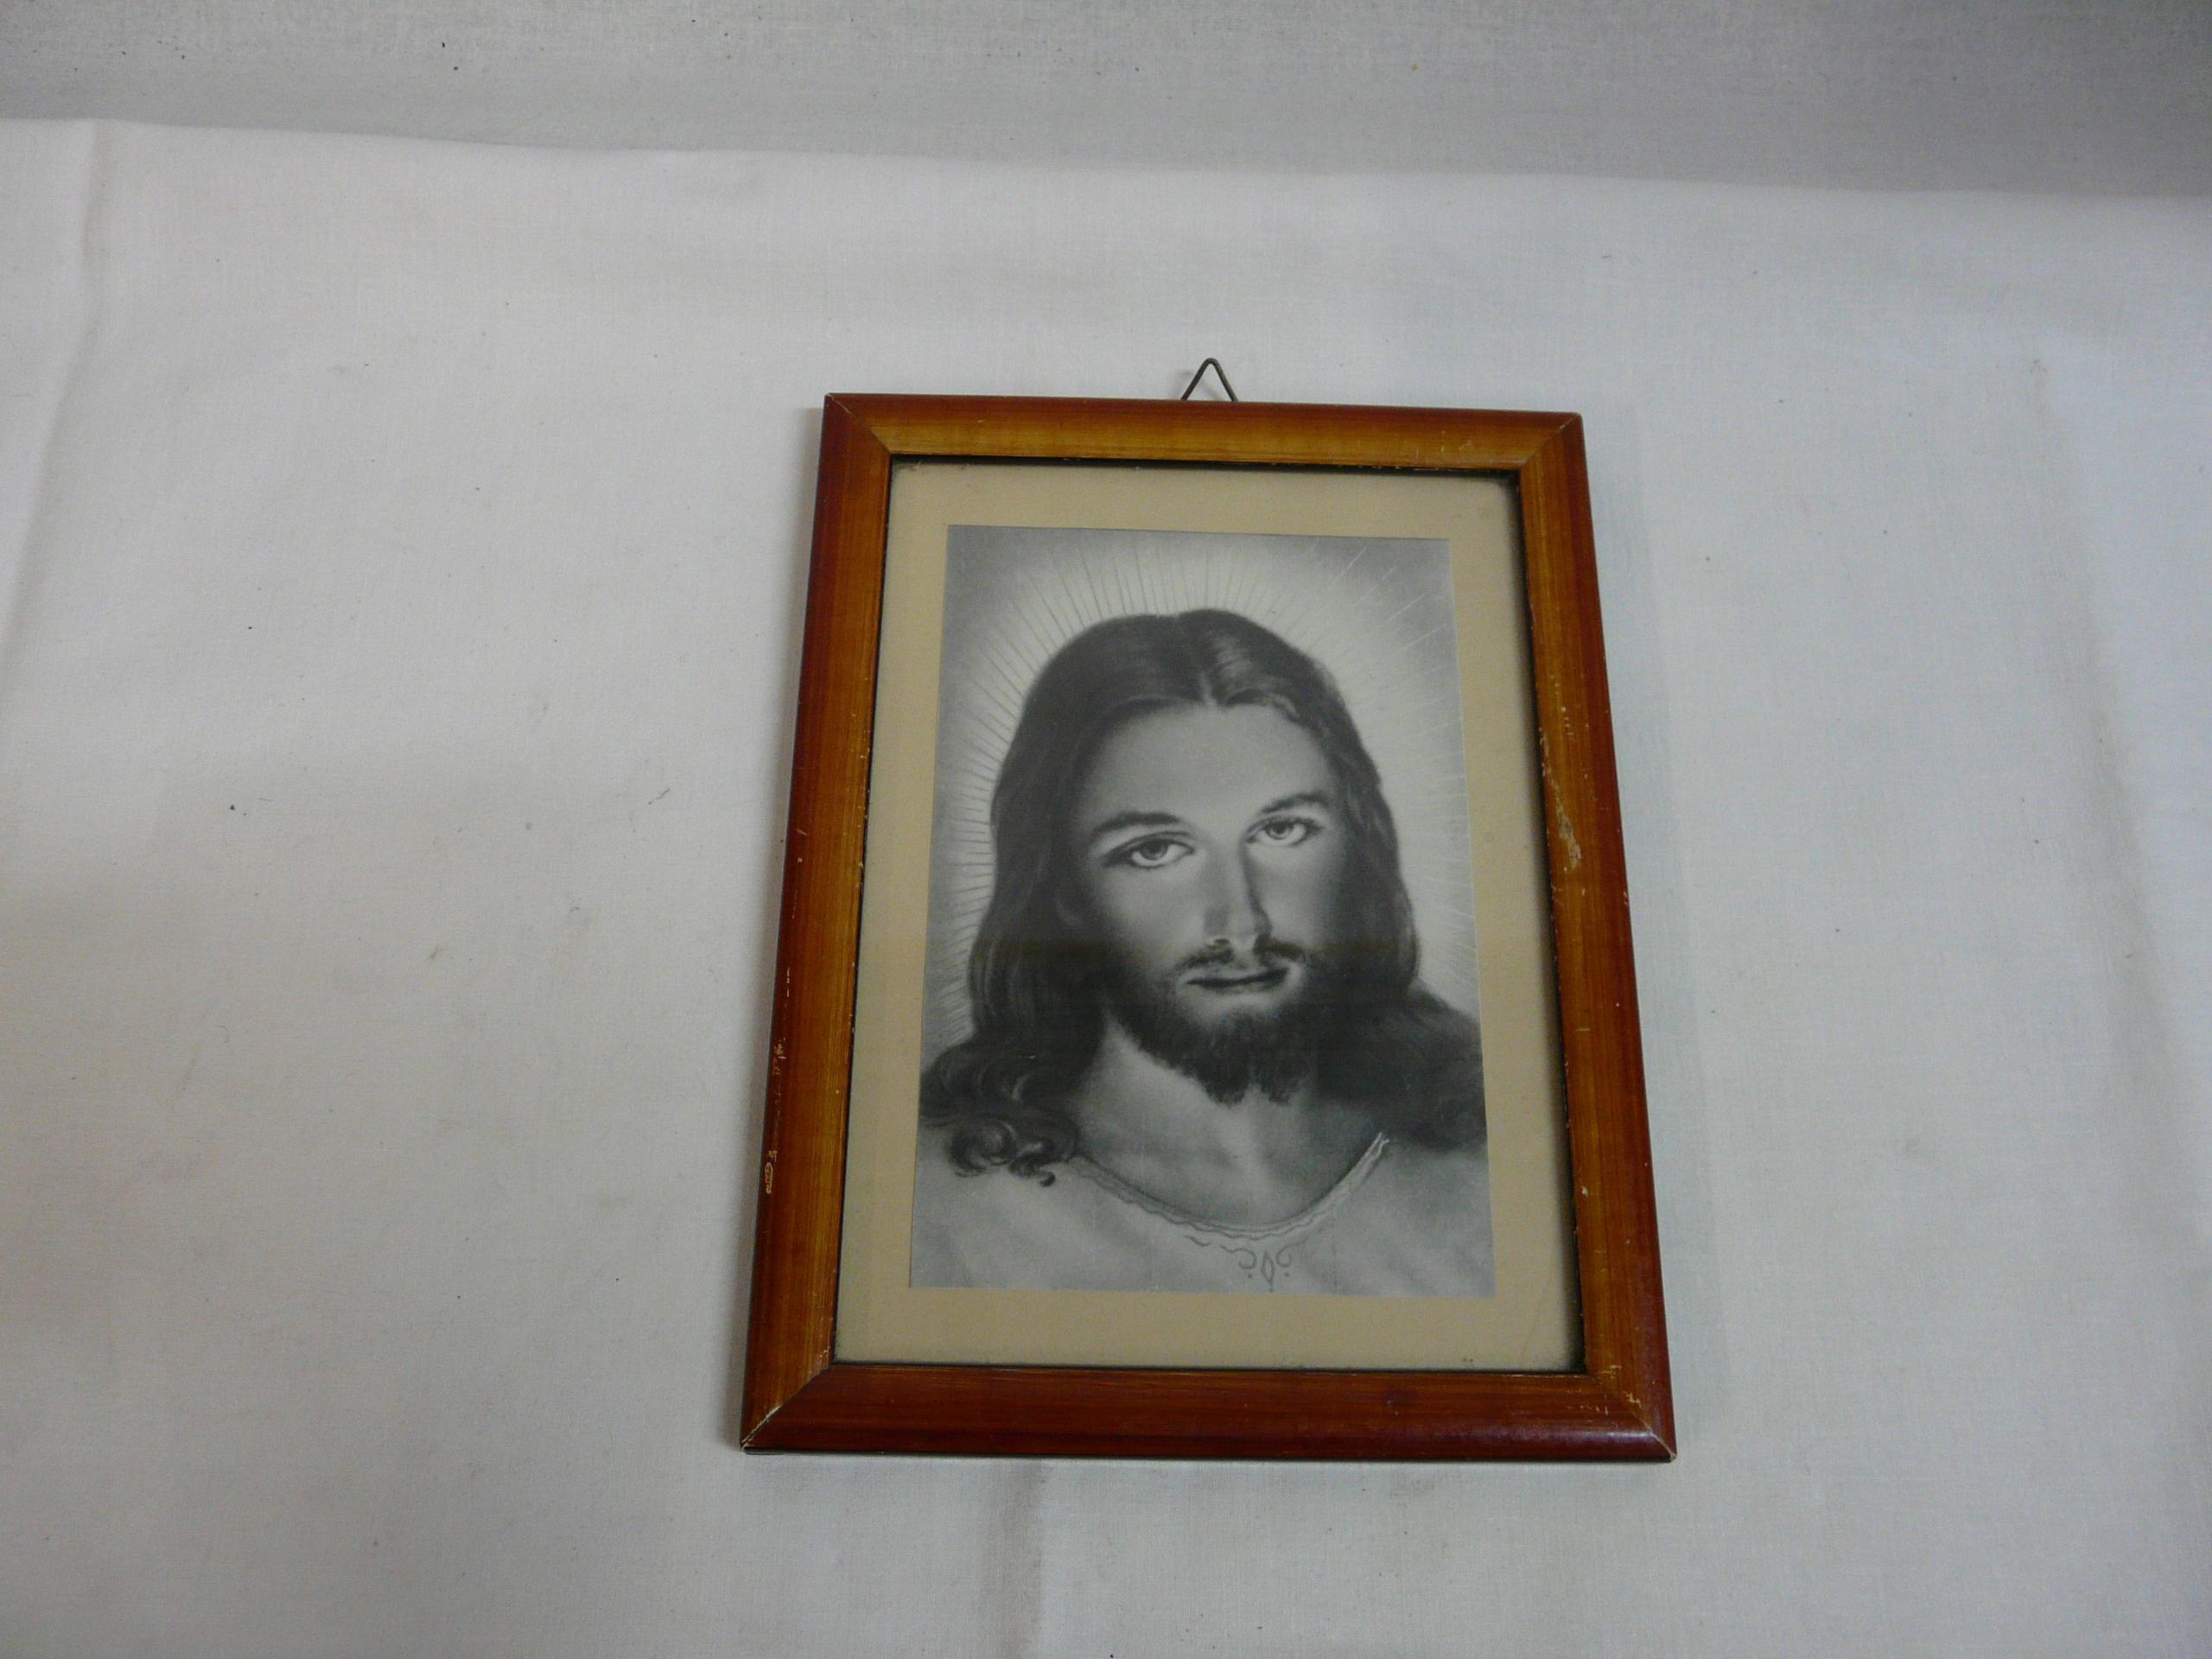 Obrazek Jezusa 23 x 18 cm